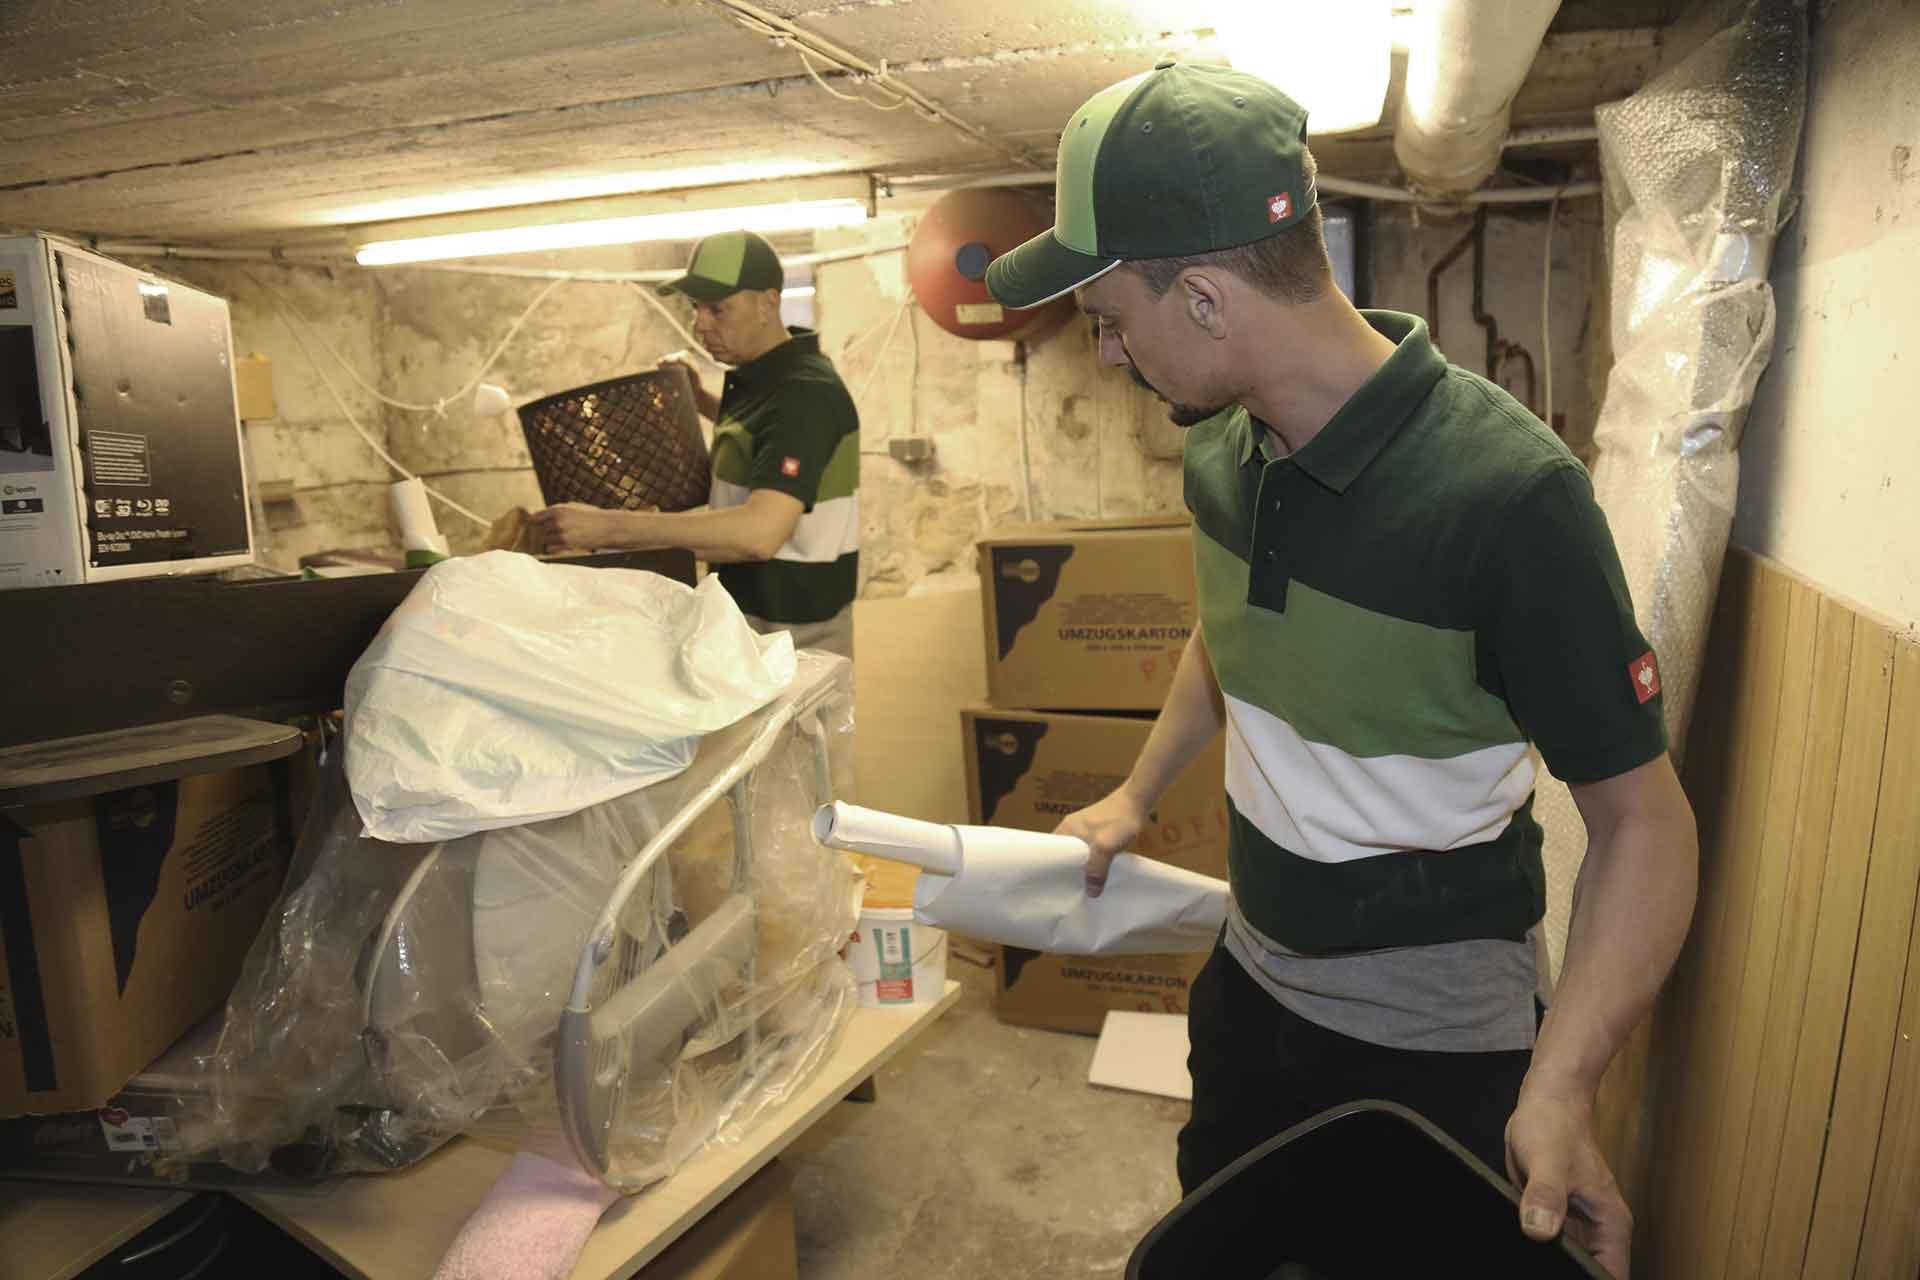 Entrümpelung durch RÜMPLIO. 2 Mitarbeiter entrümpeln ein Keller.